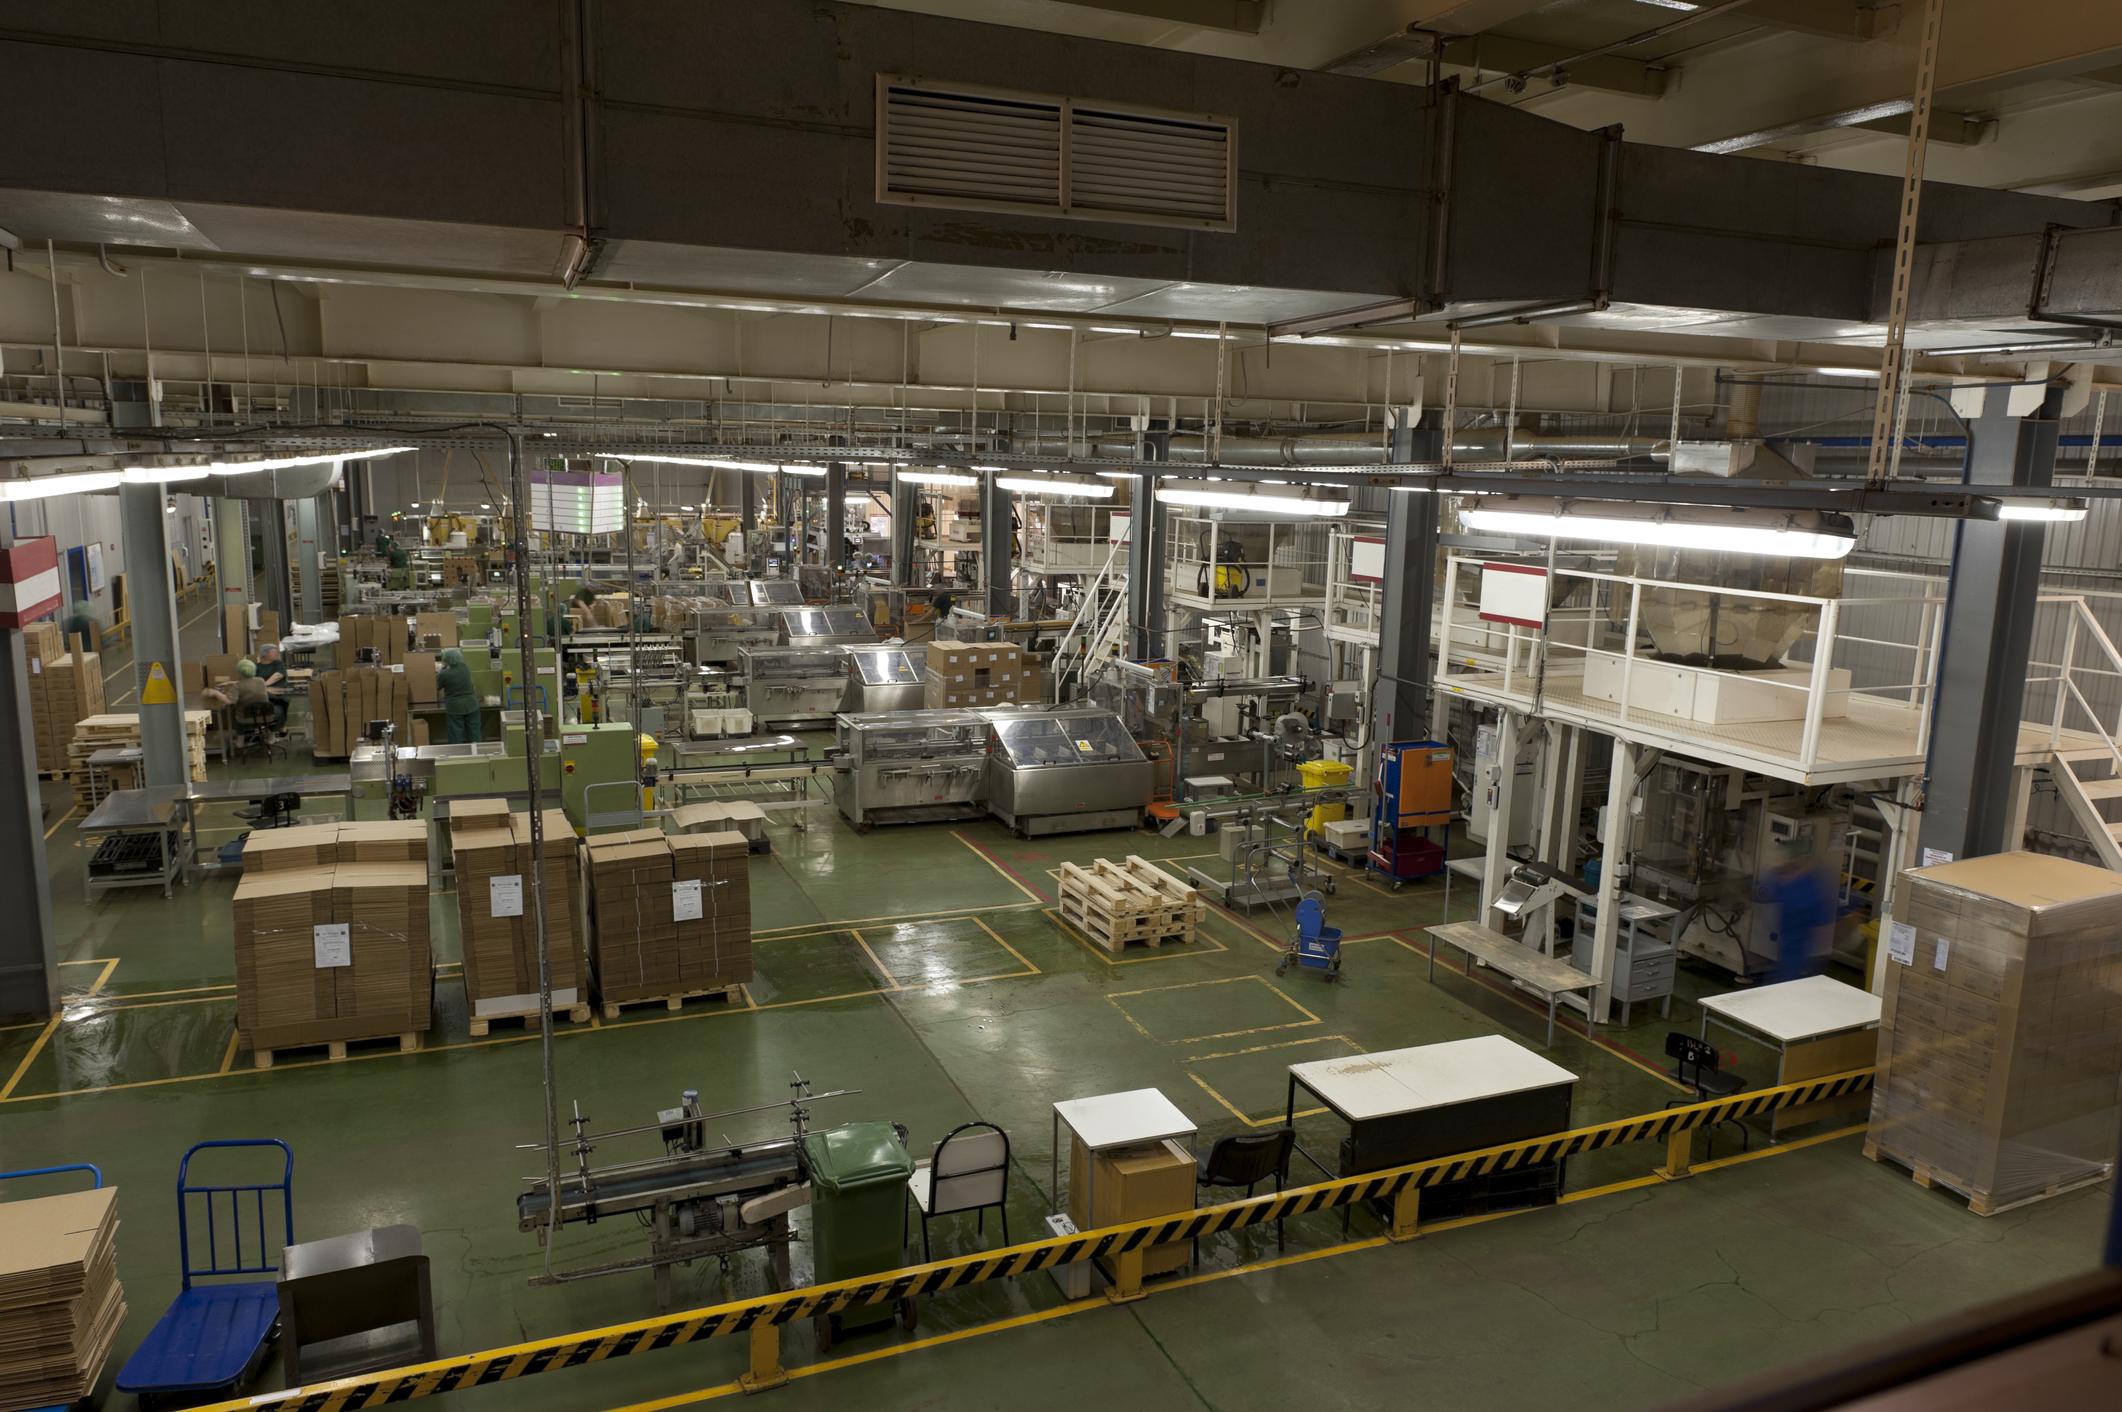 Distribuição de produtos: como organizar a logística na indústria